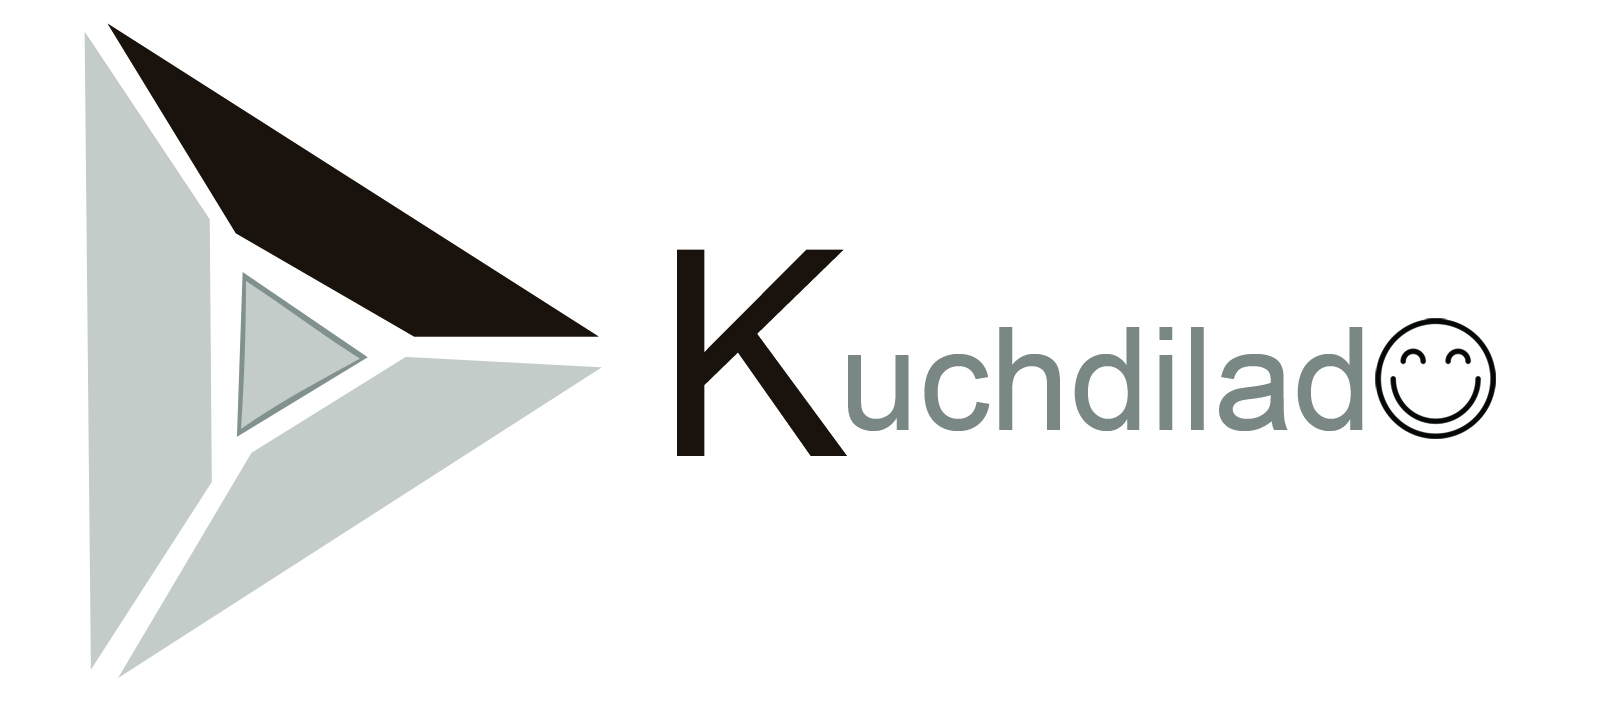 KUCHDILADO